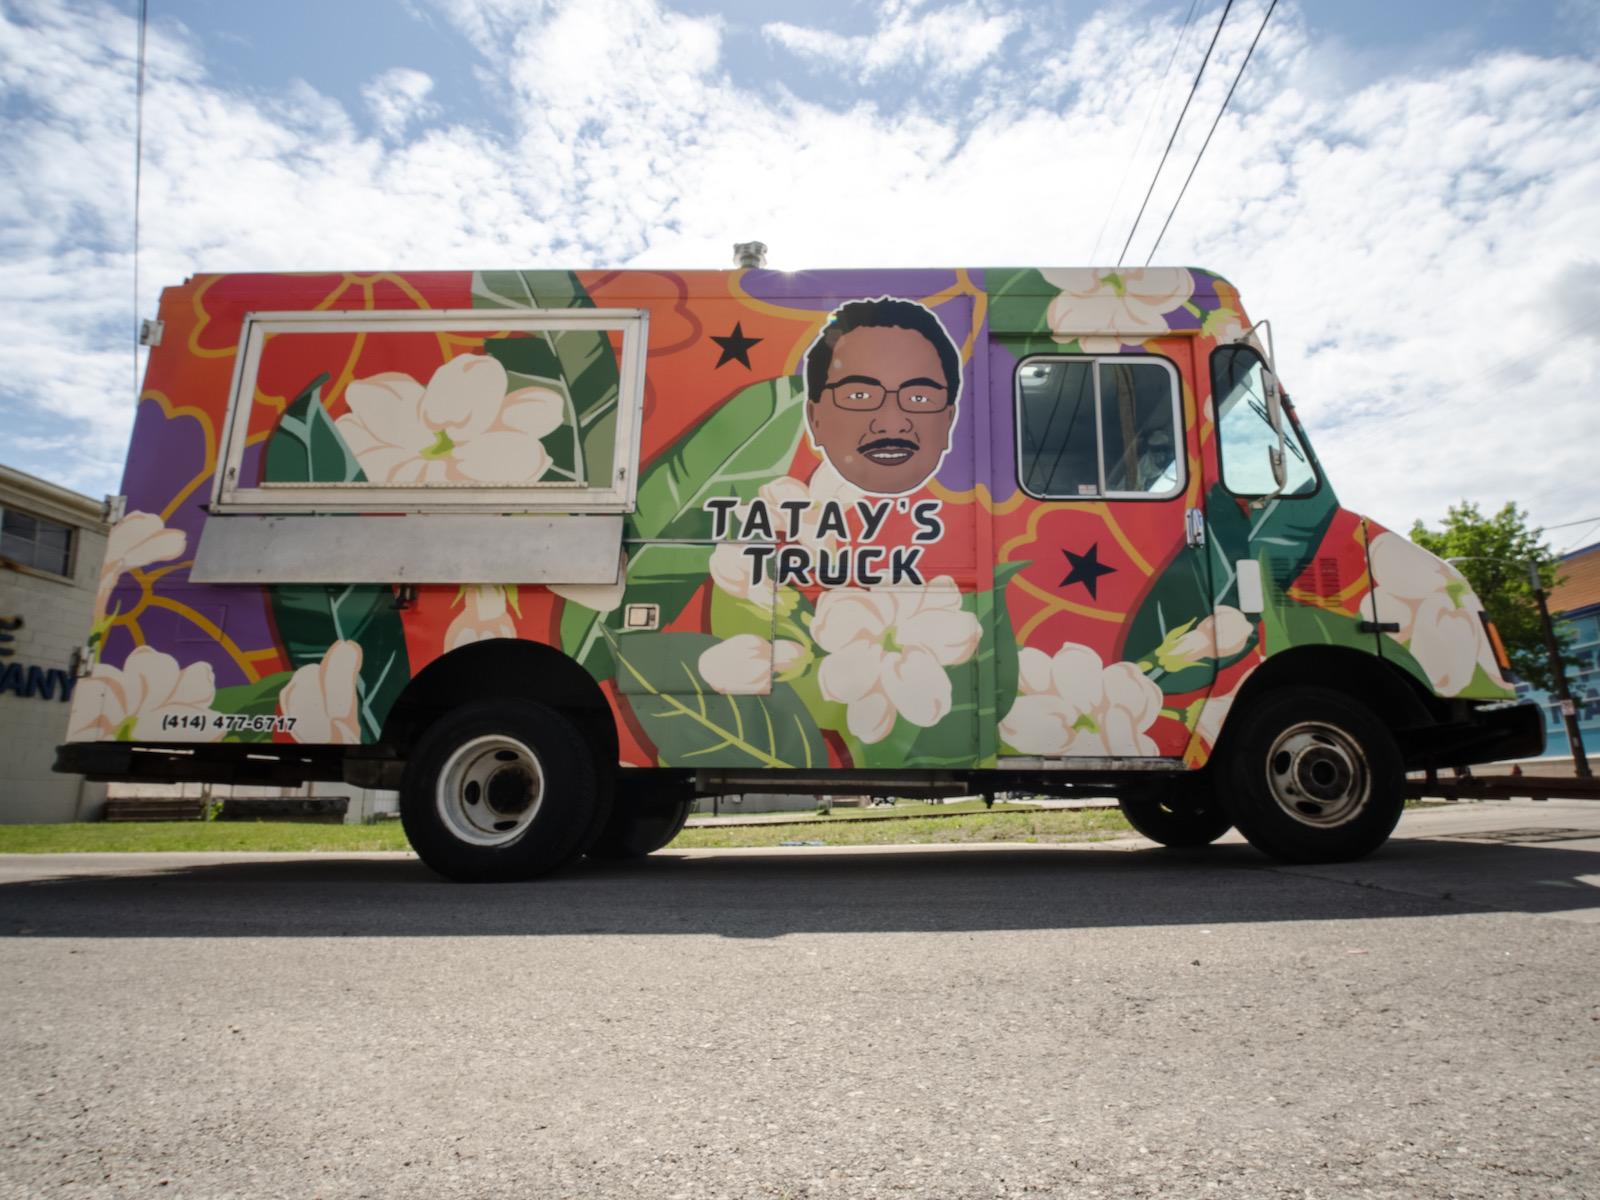 Tatay's Truck